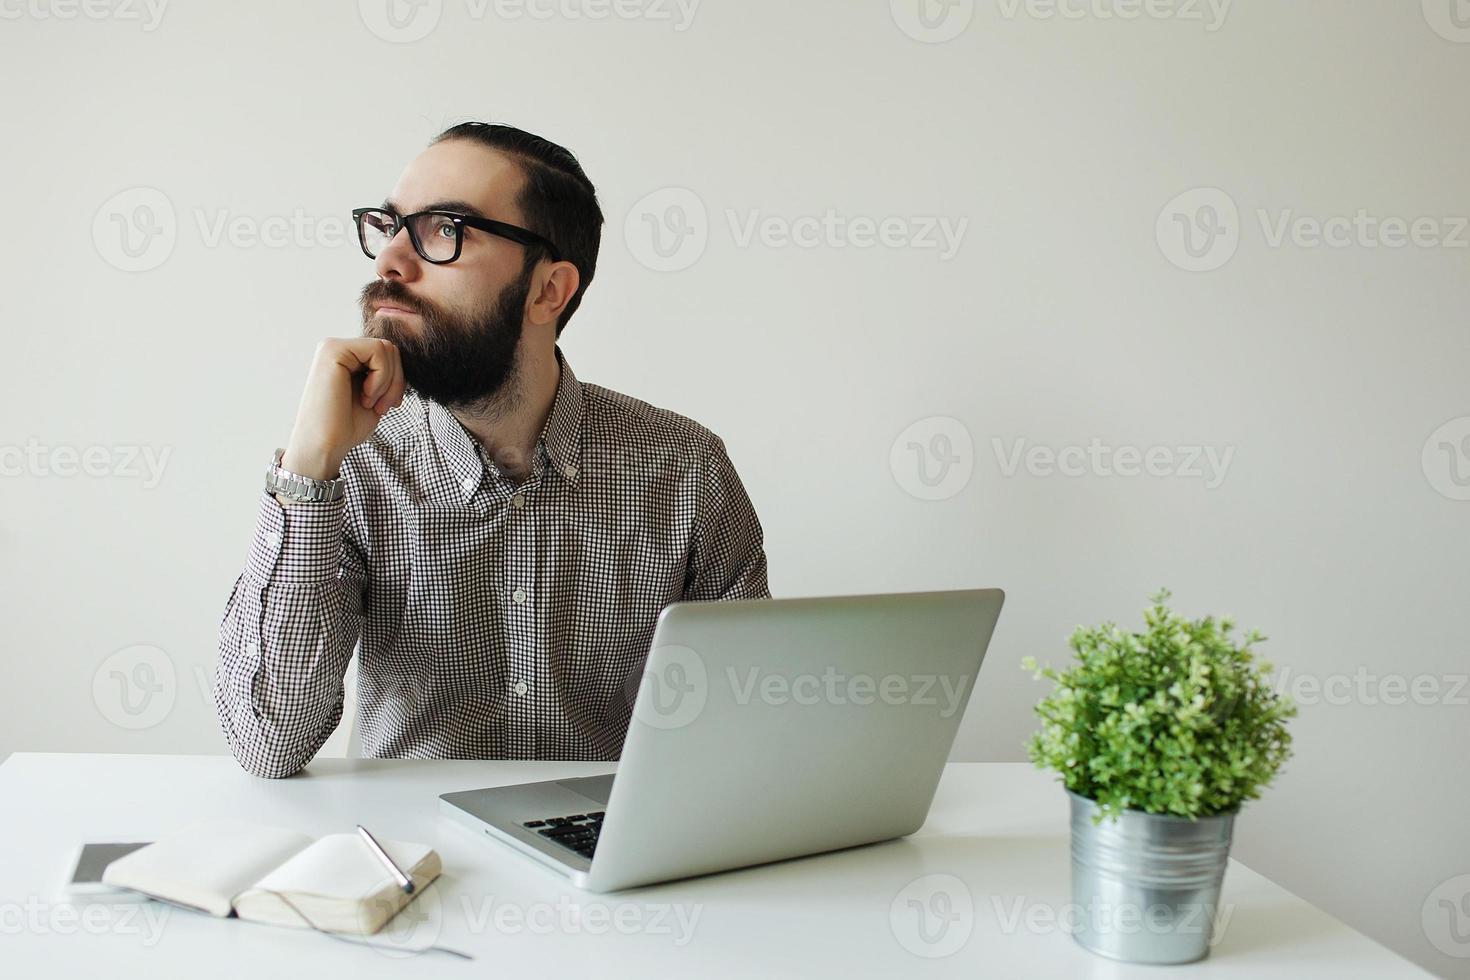 drukke man met baard in glazen denken met laptop, smartphone foto